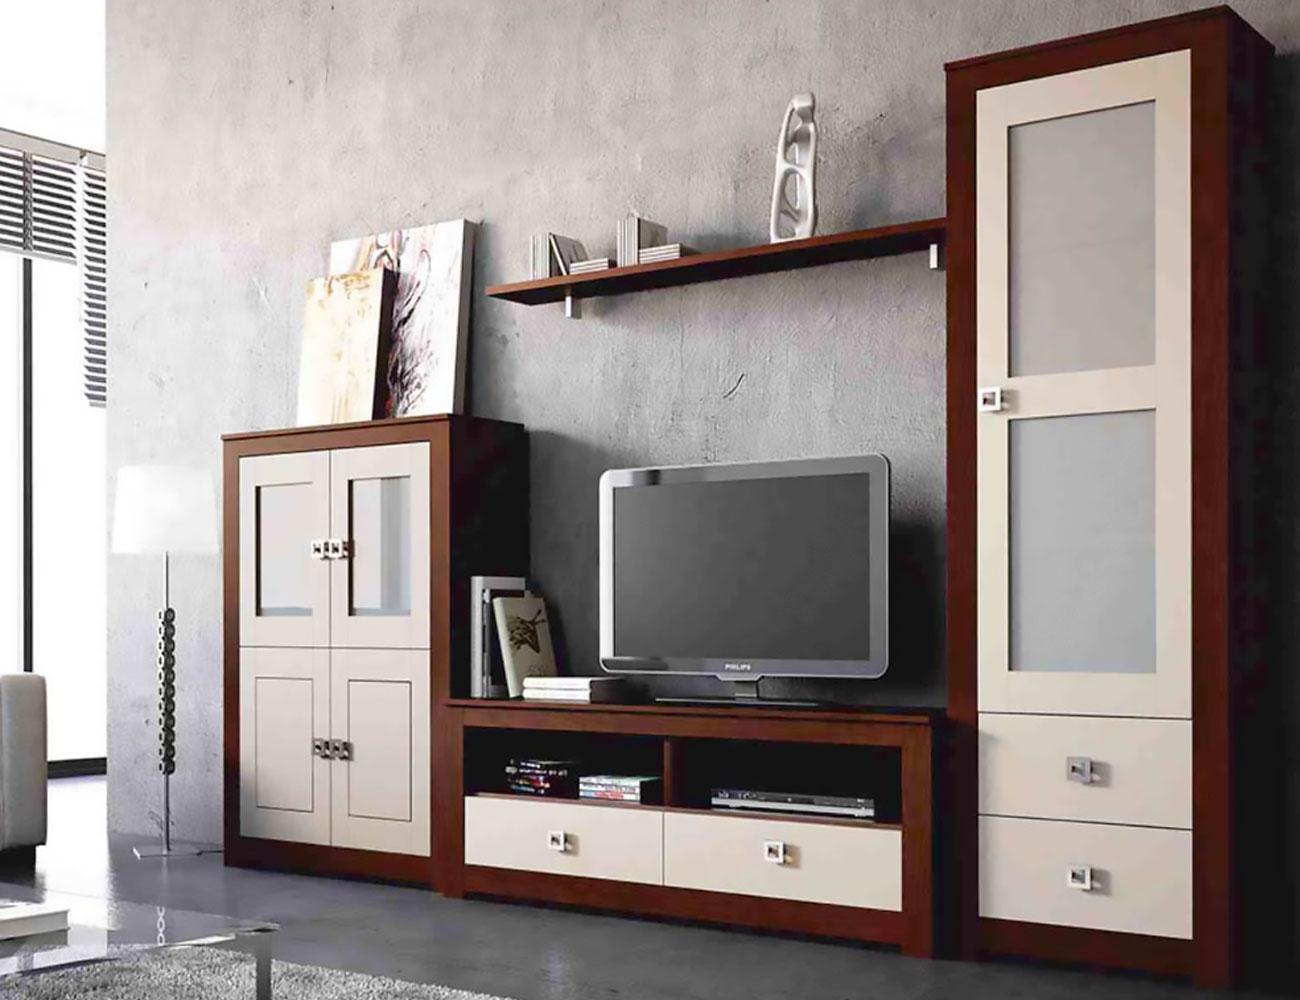 Mueble salon modular  nogal piedra madera dm